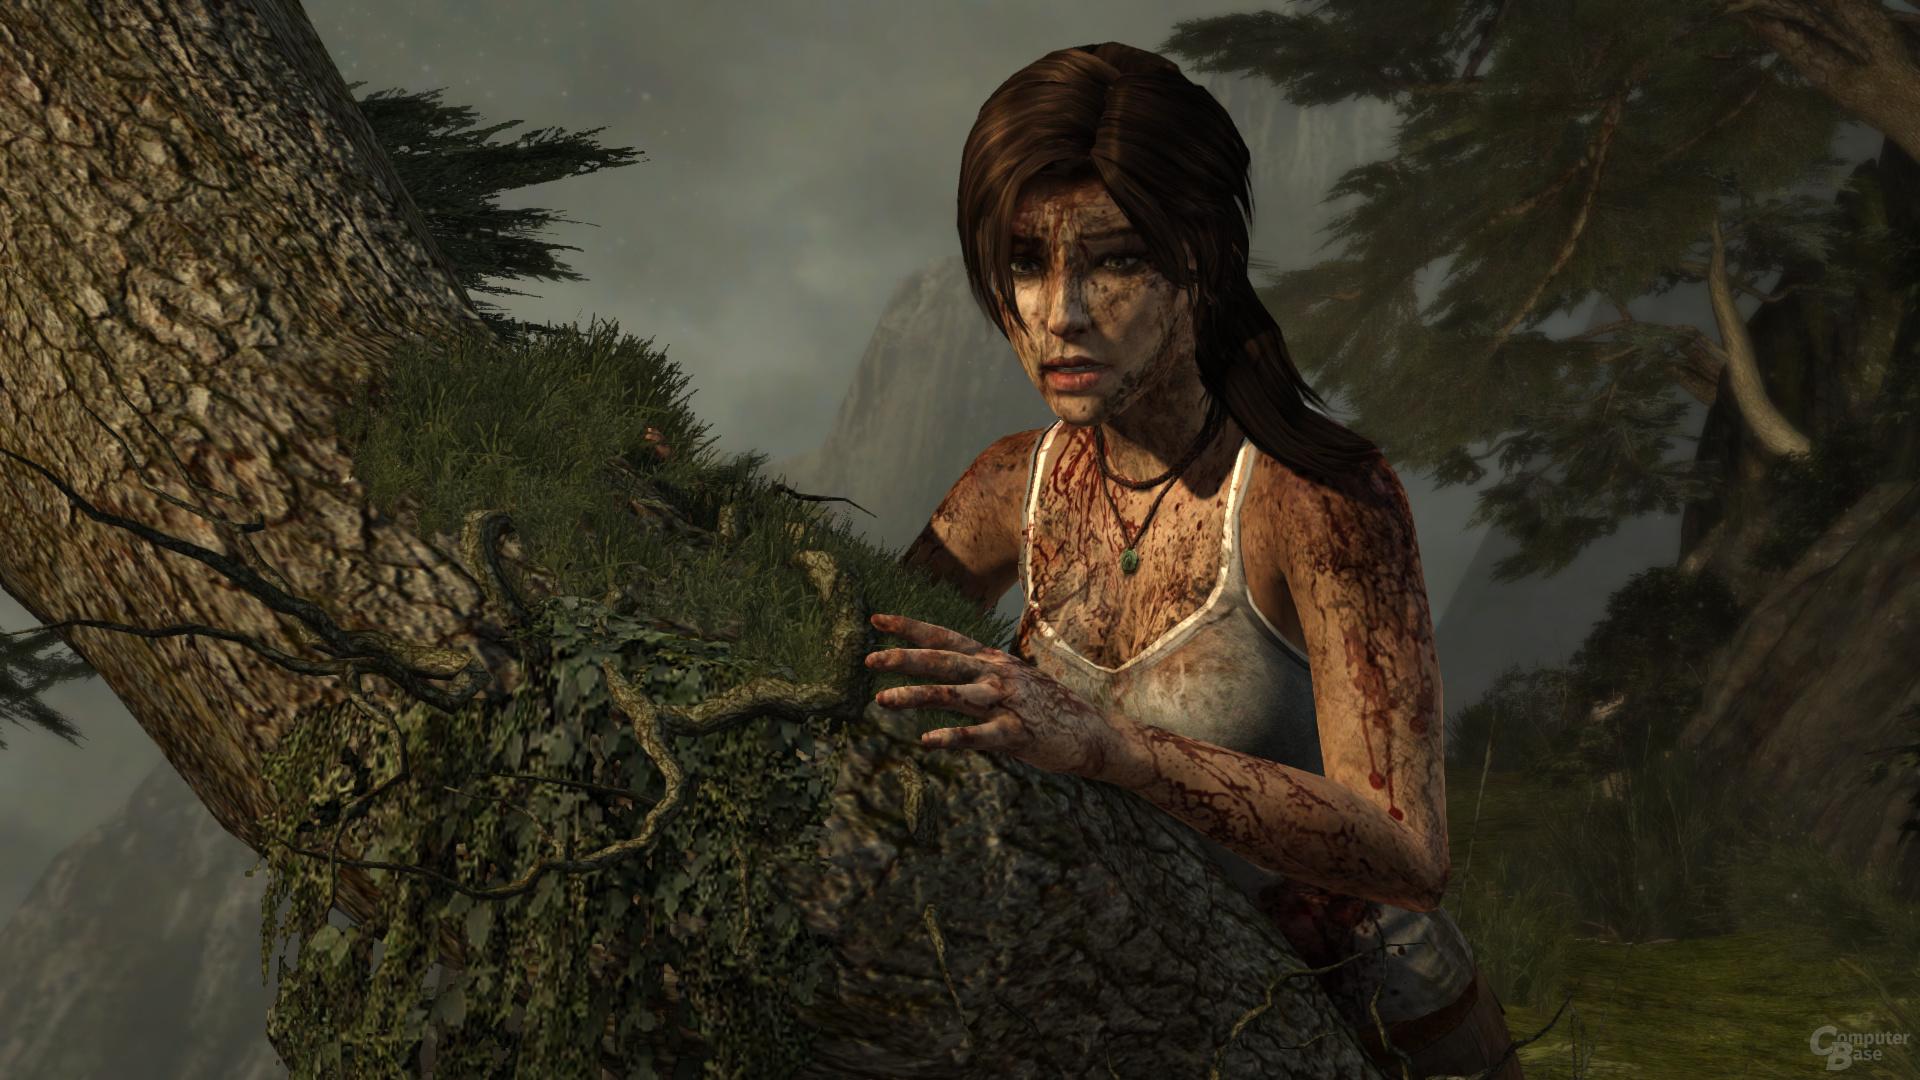 Tomb Raider, reduzierte Details, DX10